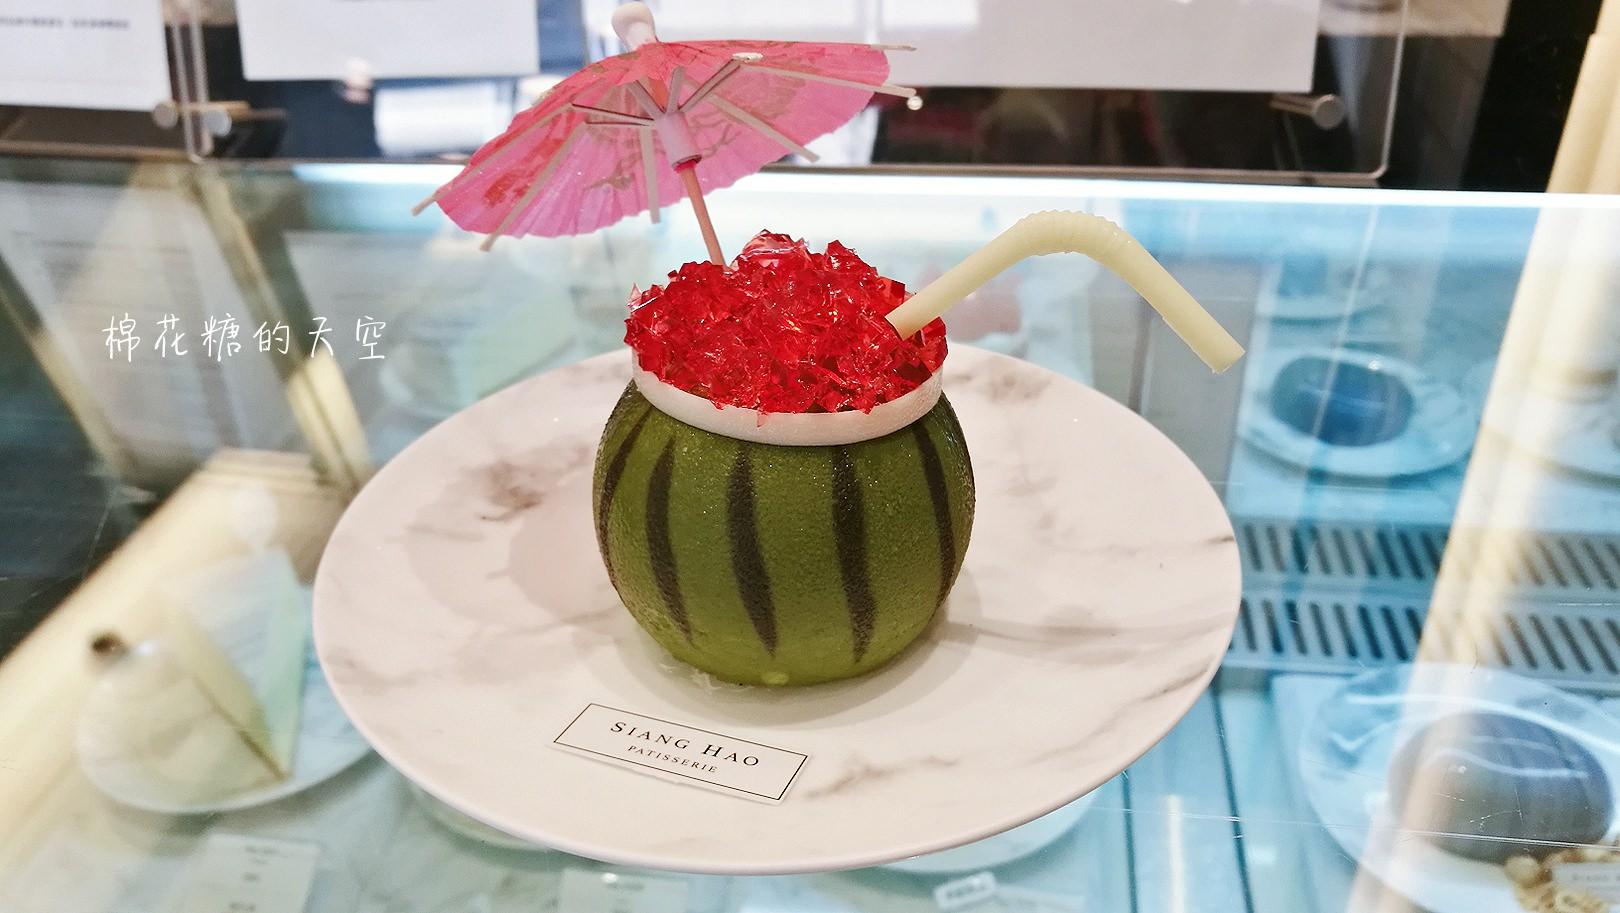 20180418222459 73 - 台中浮誇系甜點最新品-夏日西瓜,連吸管都可以吃喔!